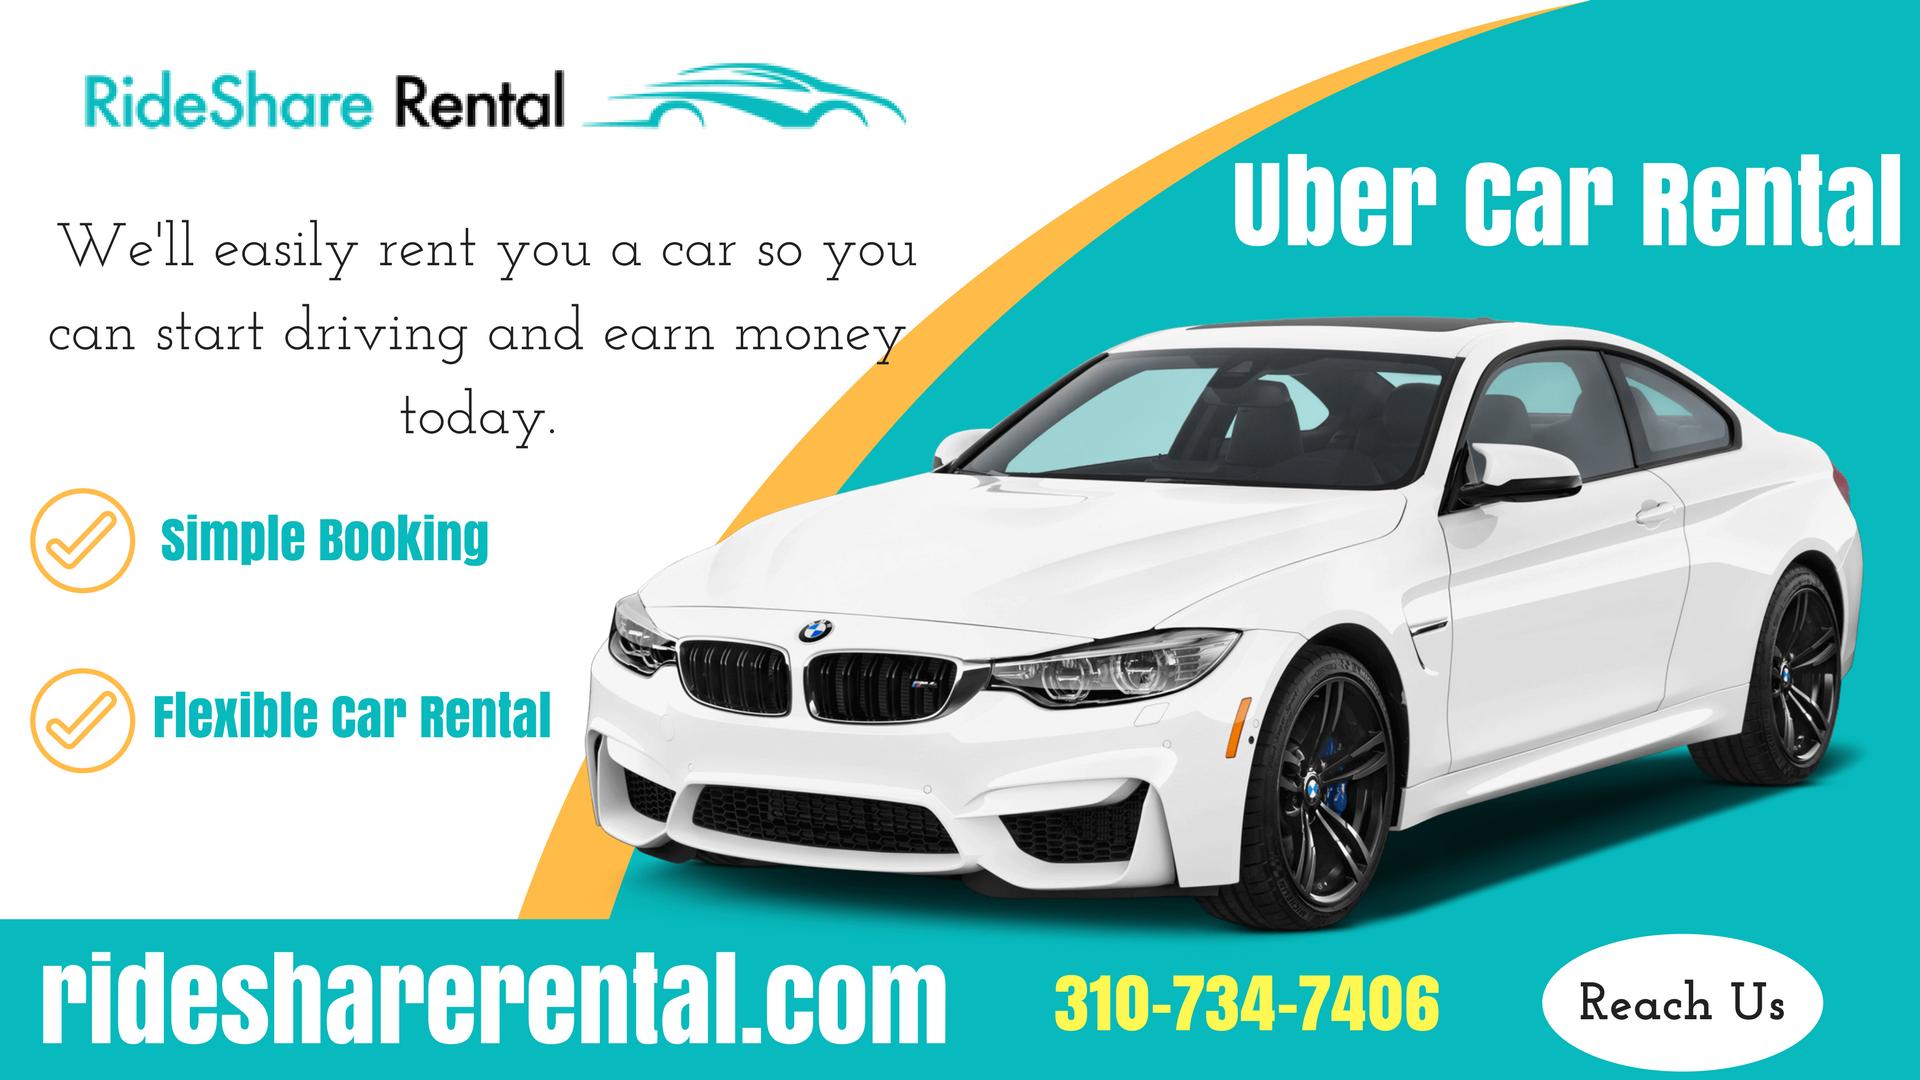 Uber Car Rental Service in California | best car rental | Car rental